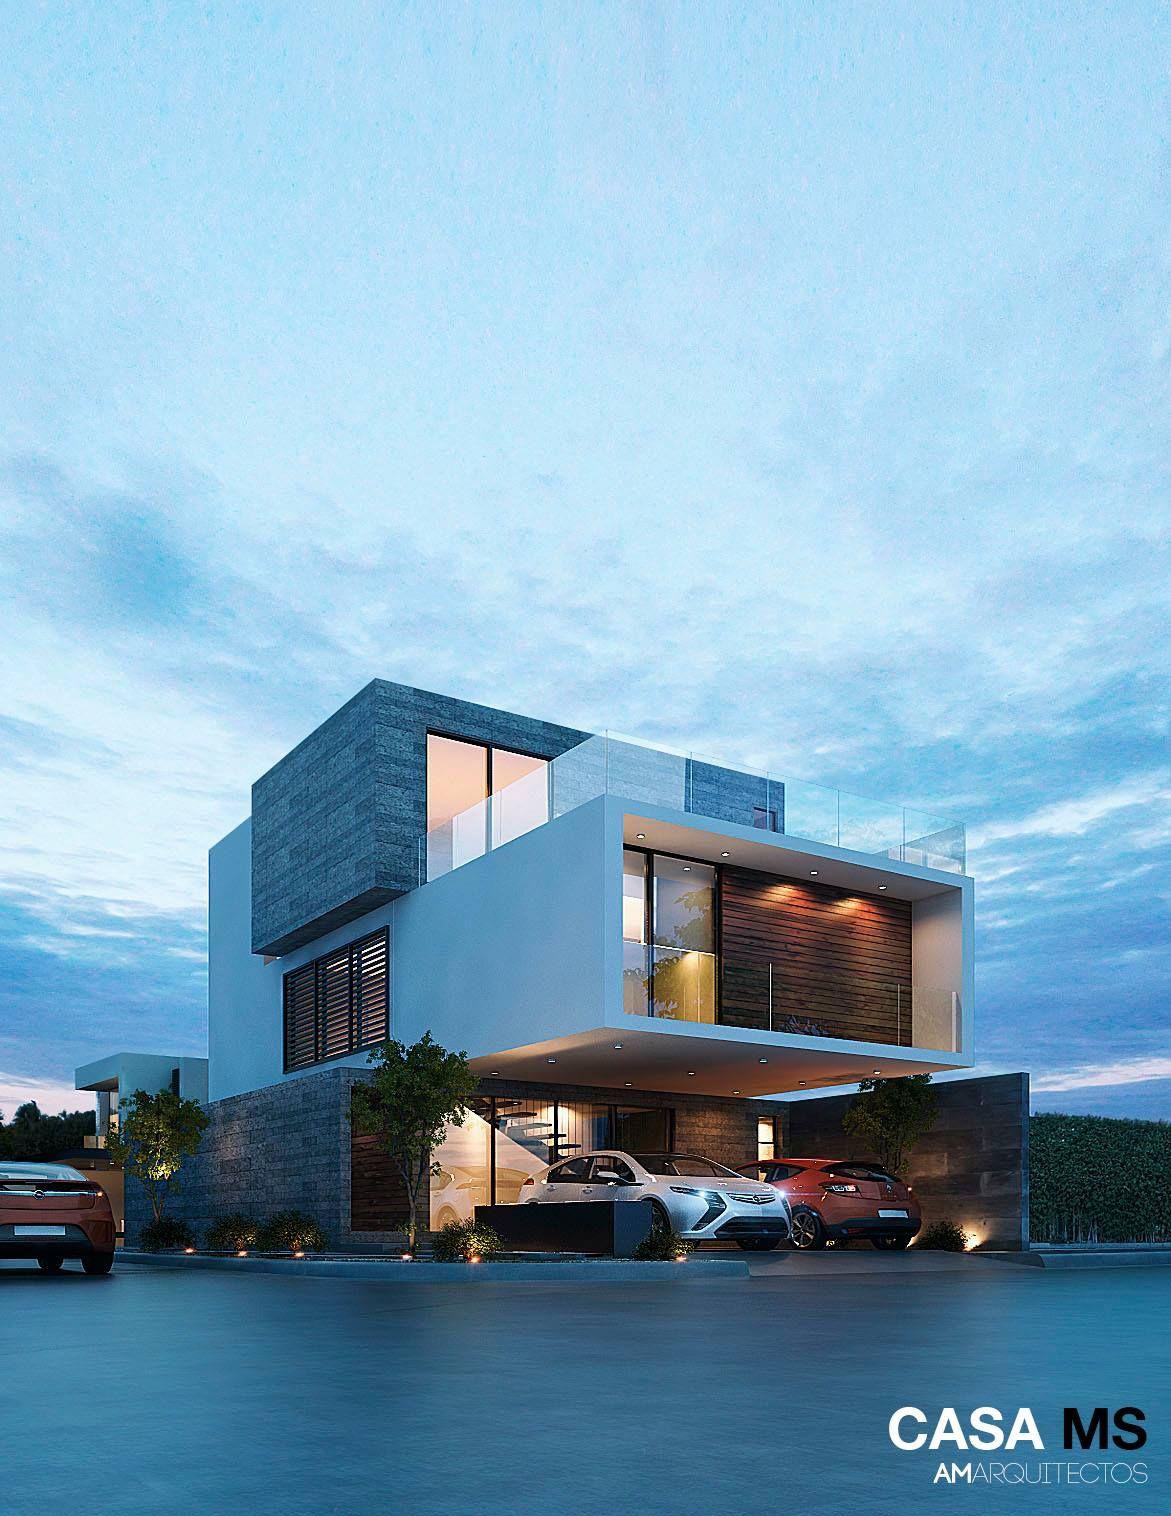 Casa ms by am arquitectos pin pinterest arquitectos - Arquitectos casas modernas ...